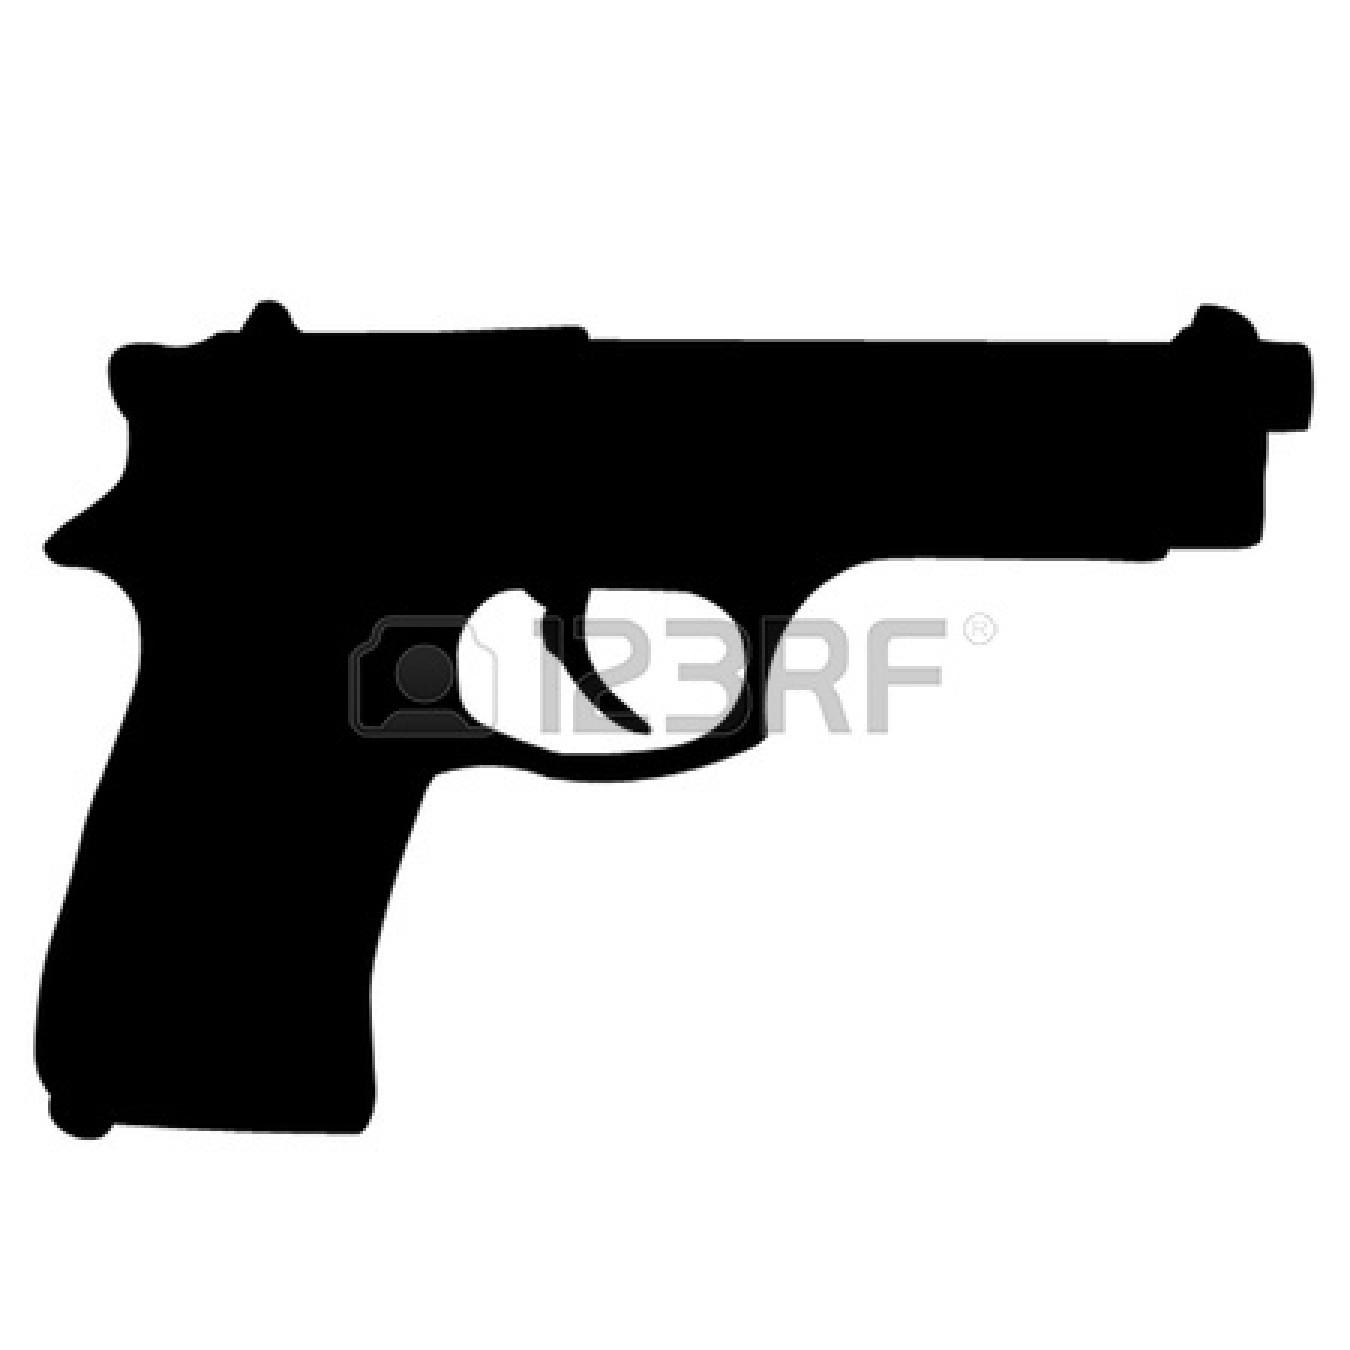 Clipart gun. Crossed panda free images